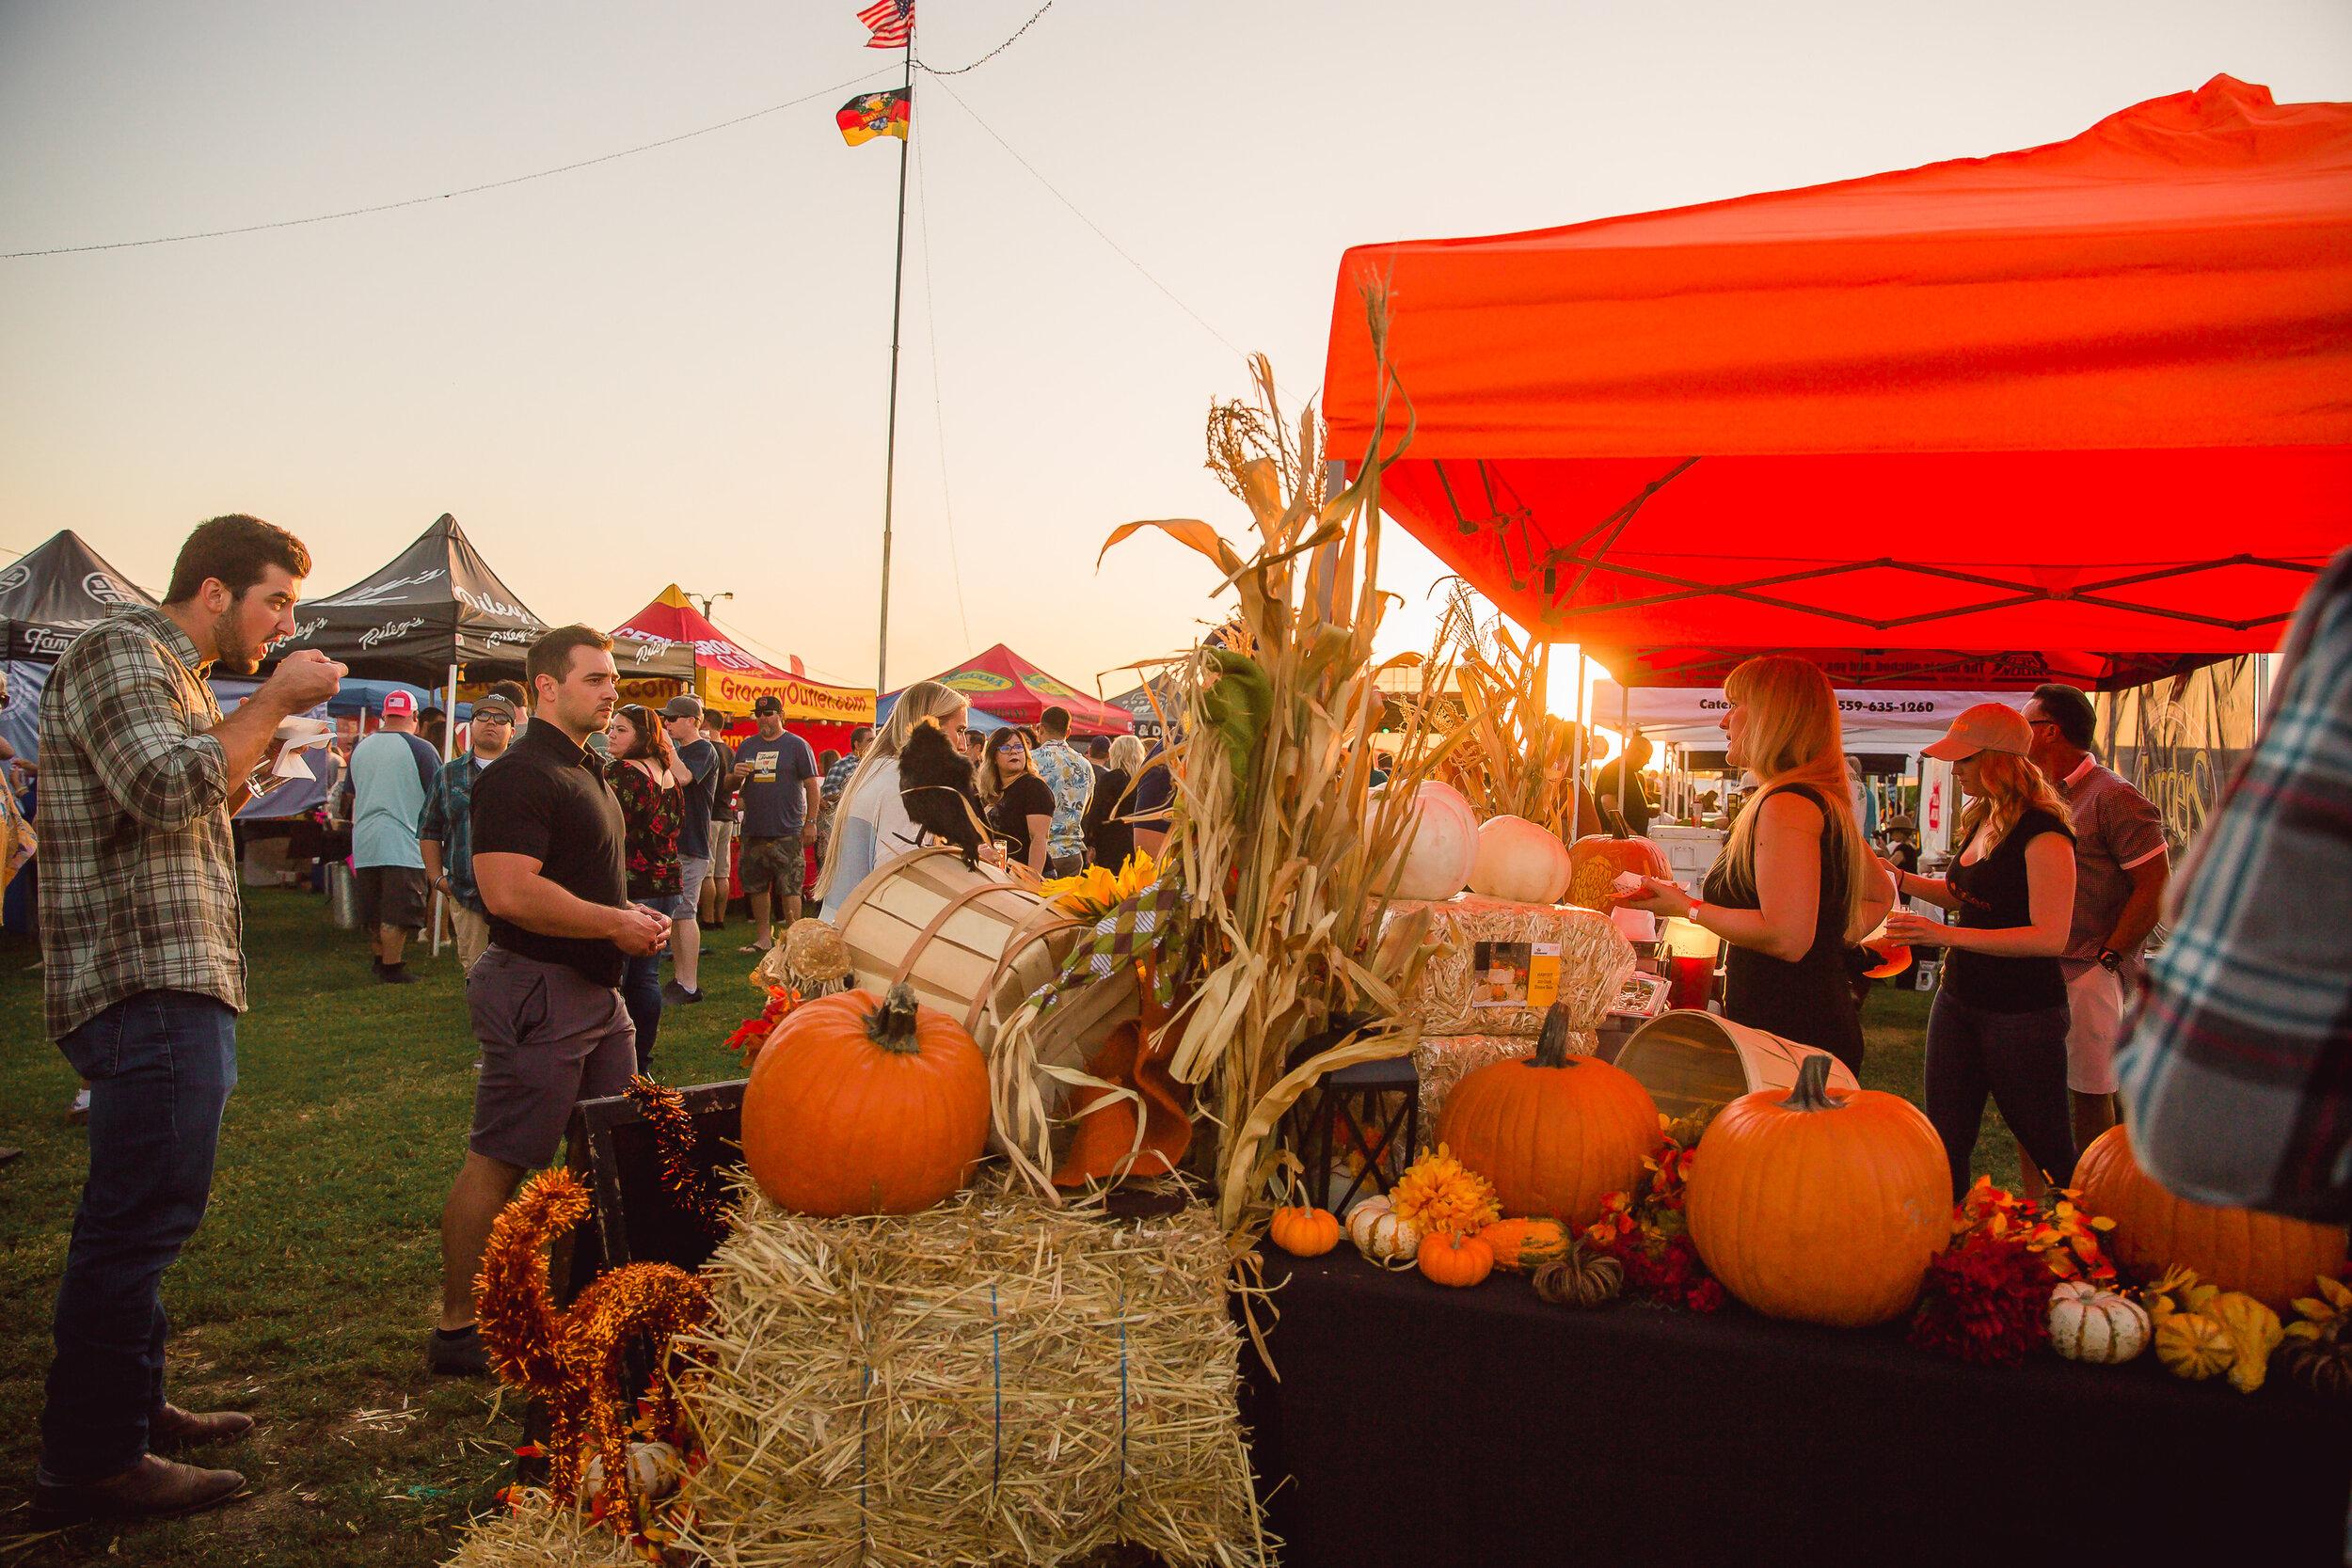 73_Oktoberfest_VSCOC_2019_www.cjhopper.com.jpg